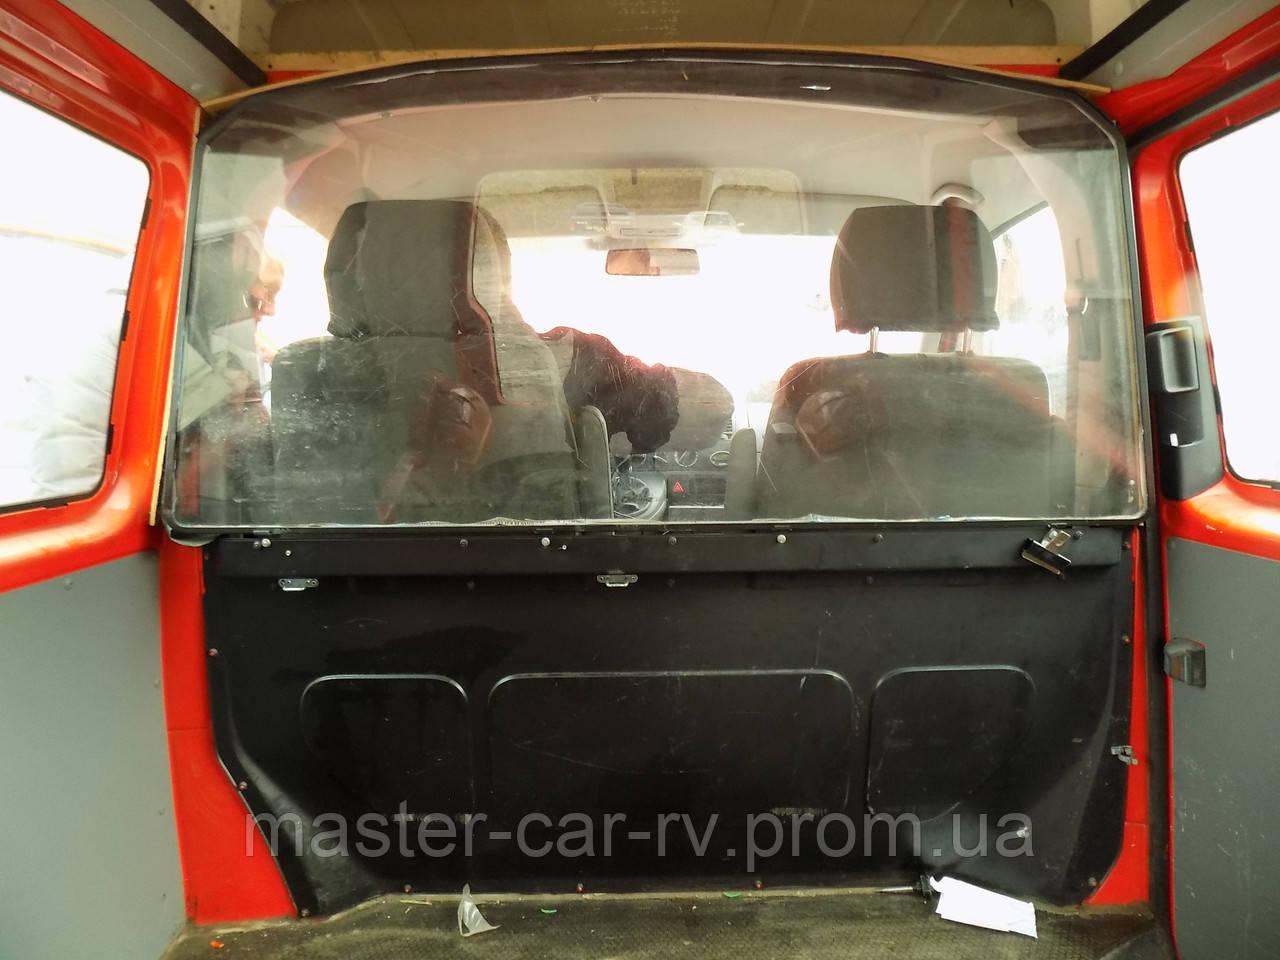 Перегородка транспортер т5 ленточные транспортеры купить в москве